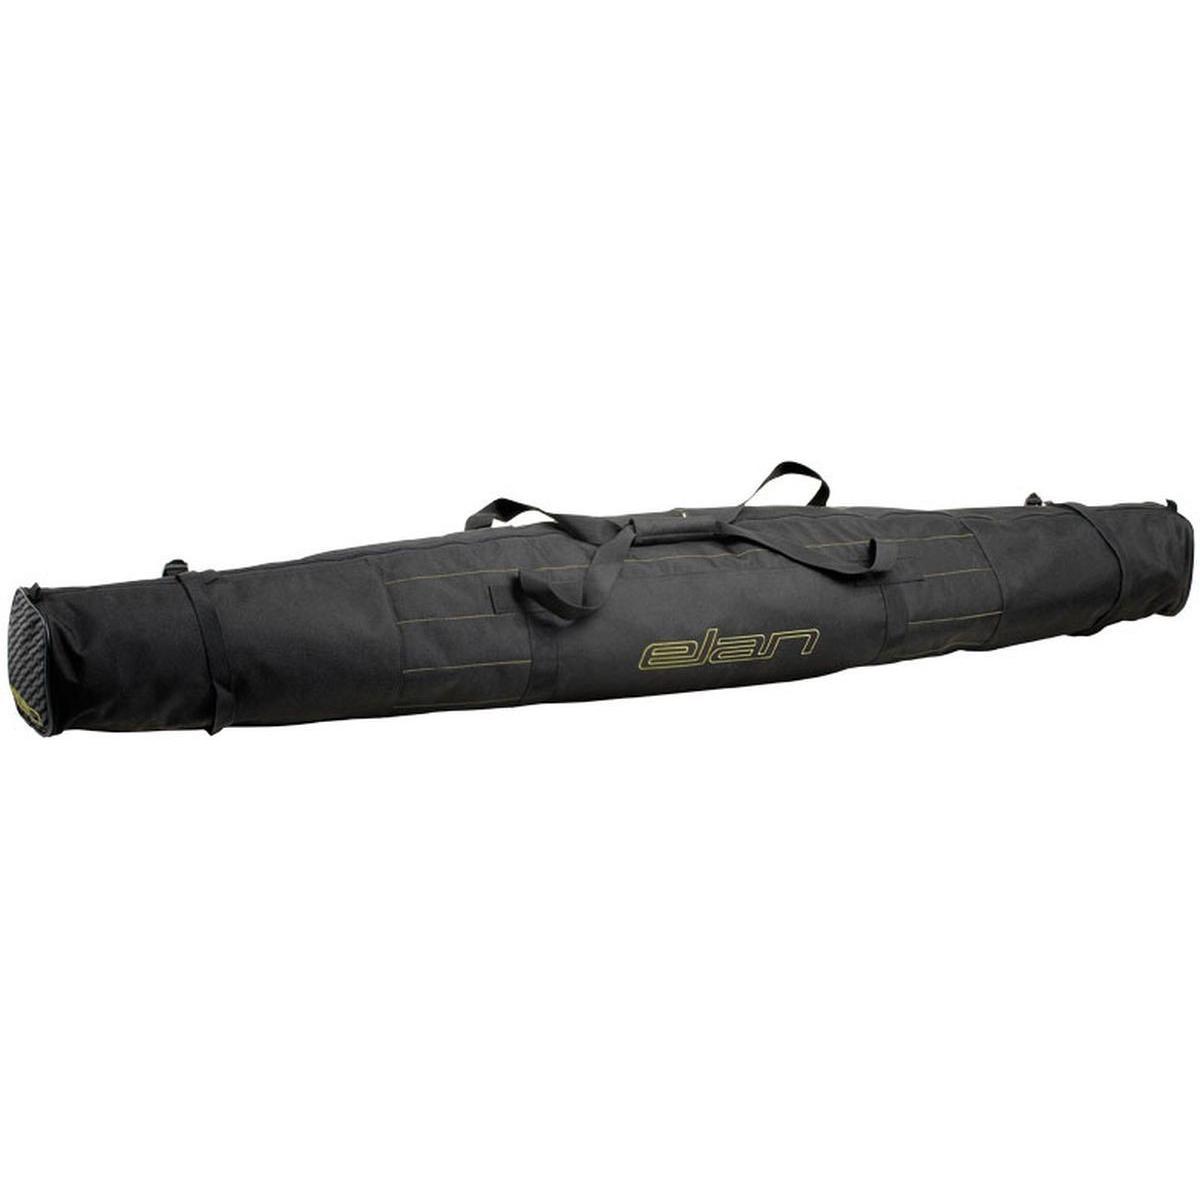 Чехол для горных лыж Elan Ski Bag 1P Чехлы 850825  - купить со скидкой